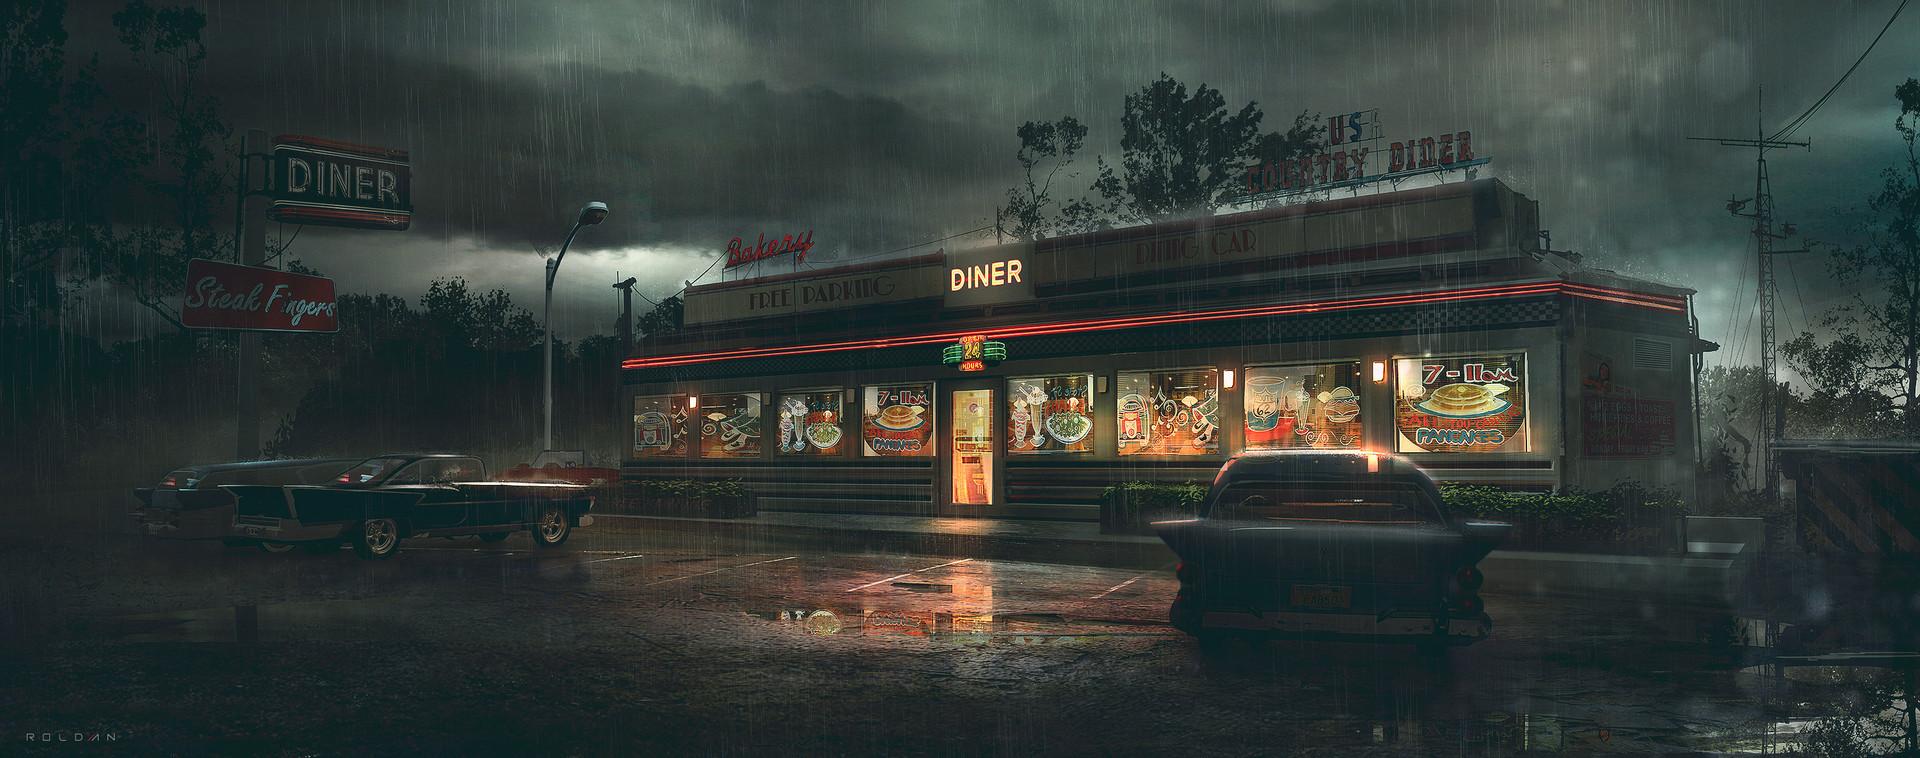 Juan pablo rold n concept art world for Diner artwork